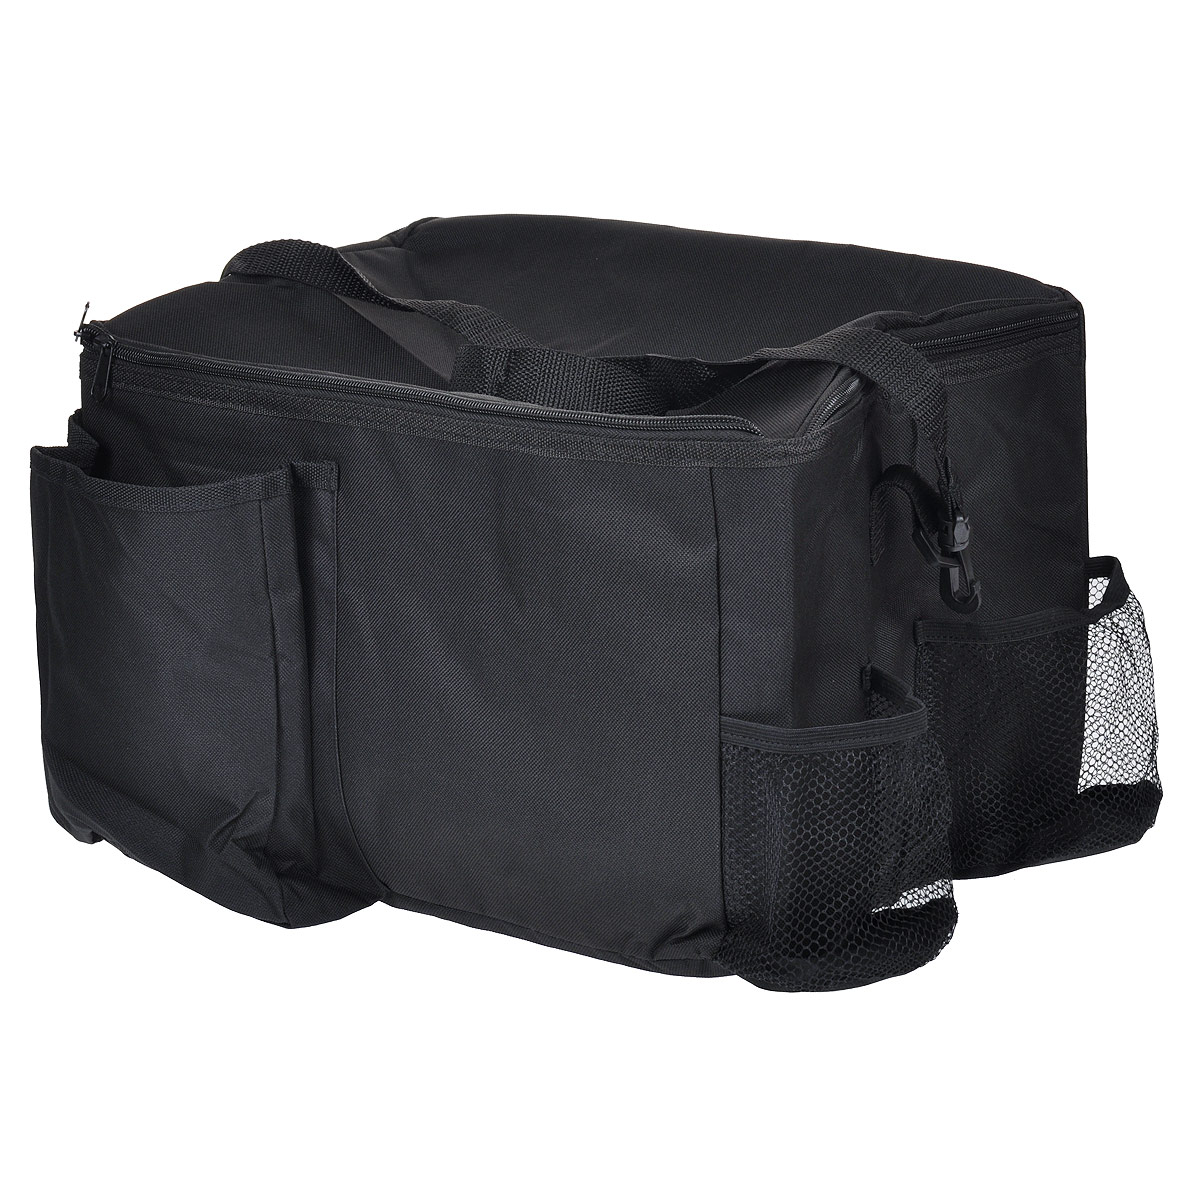 Сумка-органайзер в багажник TR-7122, цвет: черный, 38 см х 28 см х 24,8 смTR-7122Сумка-органайзер TR-7122 выполнена из высококачественного полиэстера и предназначена для хранения в машине продуктов, напитков и различных мелочей. Сумка содержит одно вместительное отделение с термоподкладкой для пищевых продуктов, закрывающееся на застежку-молнию. По бокам сумки расположено 2 вместительных накладных кармана и 2 небольших сетчатых кармана. Сумка оснащена удобной съемной ручкой. Удобная сумка-органайзер не займет много места у вас в машине и вместит в себя все необходимые в дороге мелочи. Характеристики: Материал: 600D полиэстер. Размер сумки-органайзера (Ш х Д х В): 38 см х 28 см х 24,8 см.